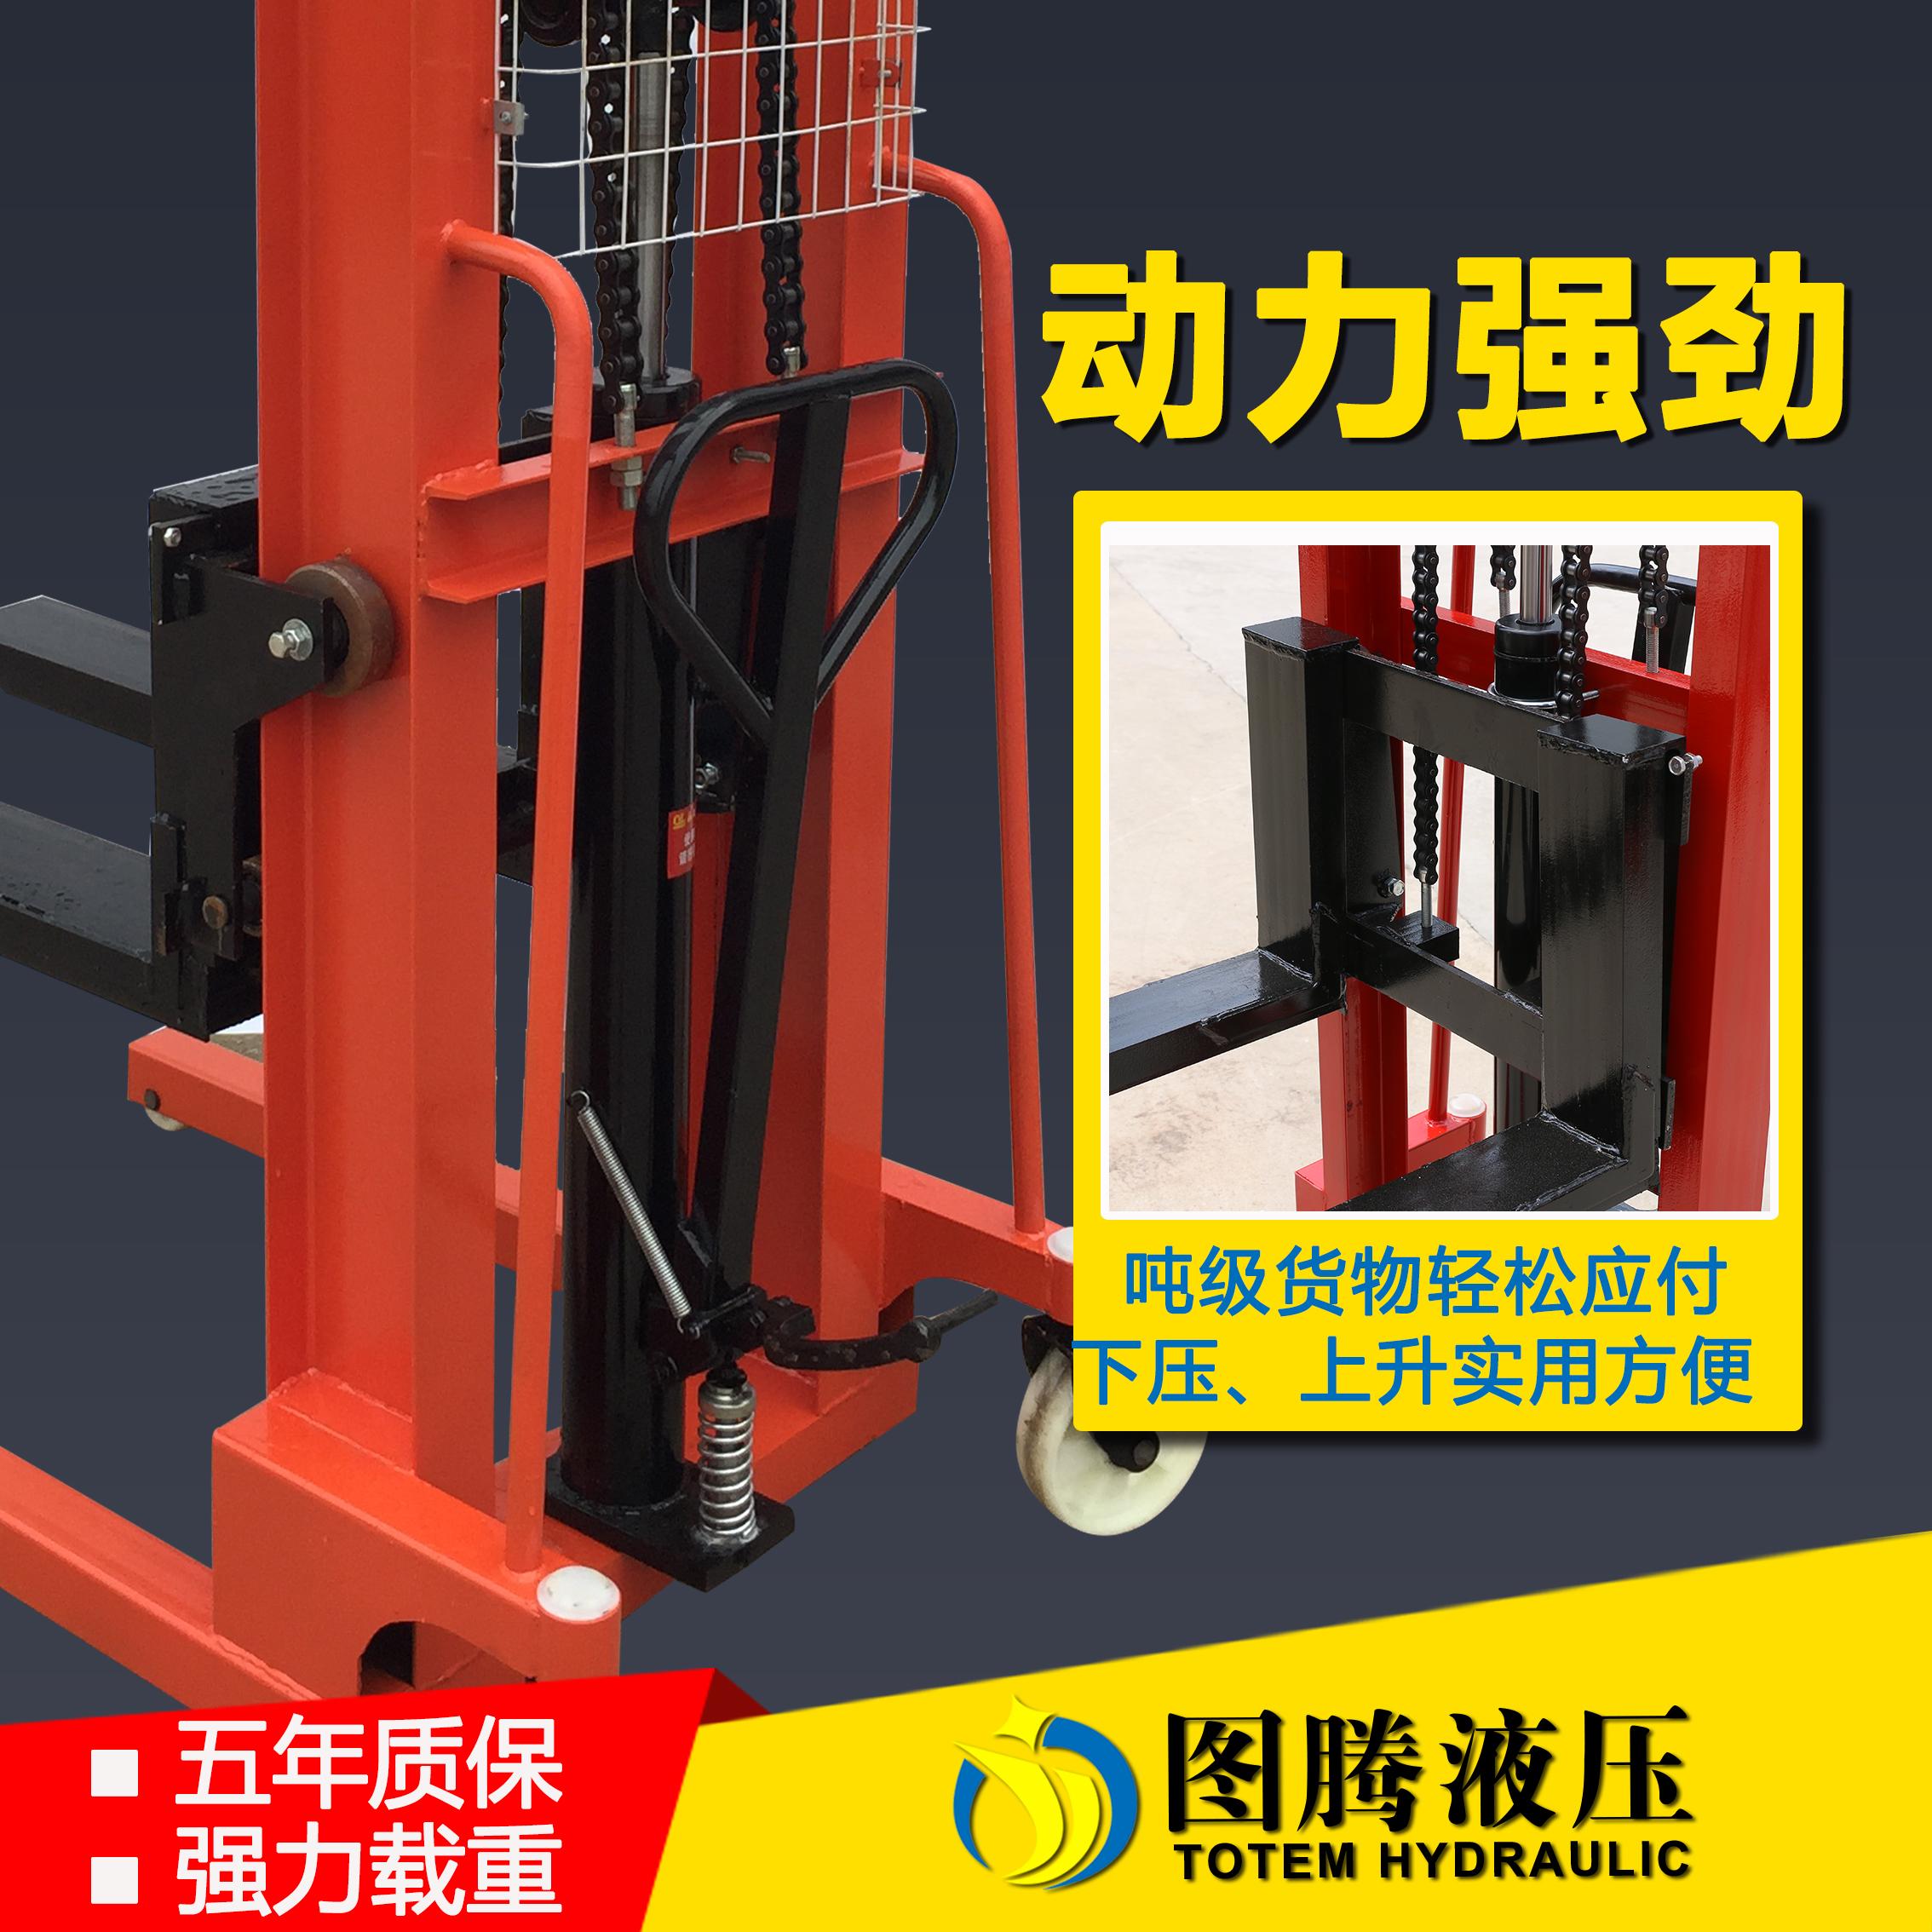 噸全半電動搬運裝卸鏟車 2 噸 3 手動液壓橙醒高車升高車升降叉車